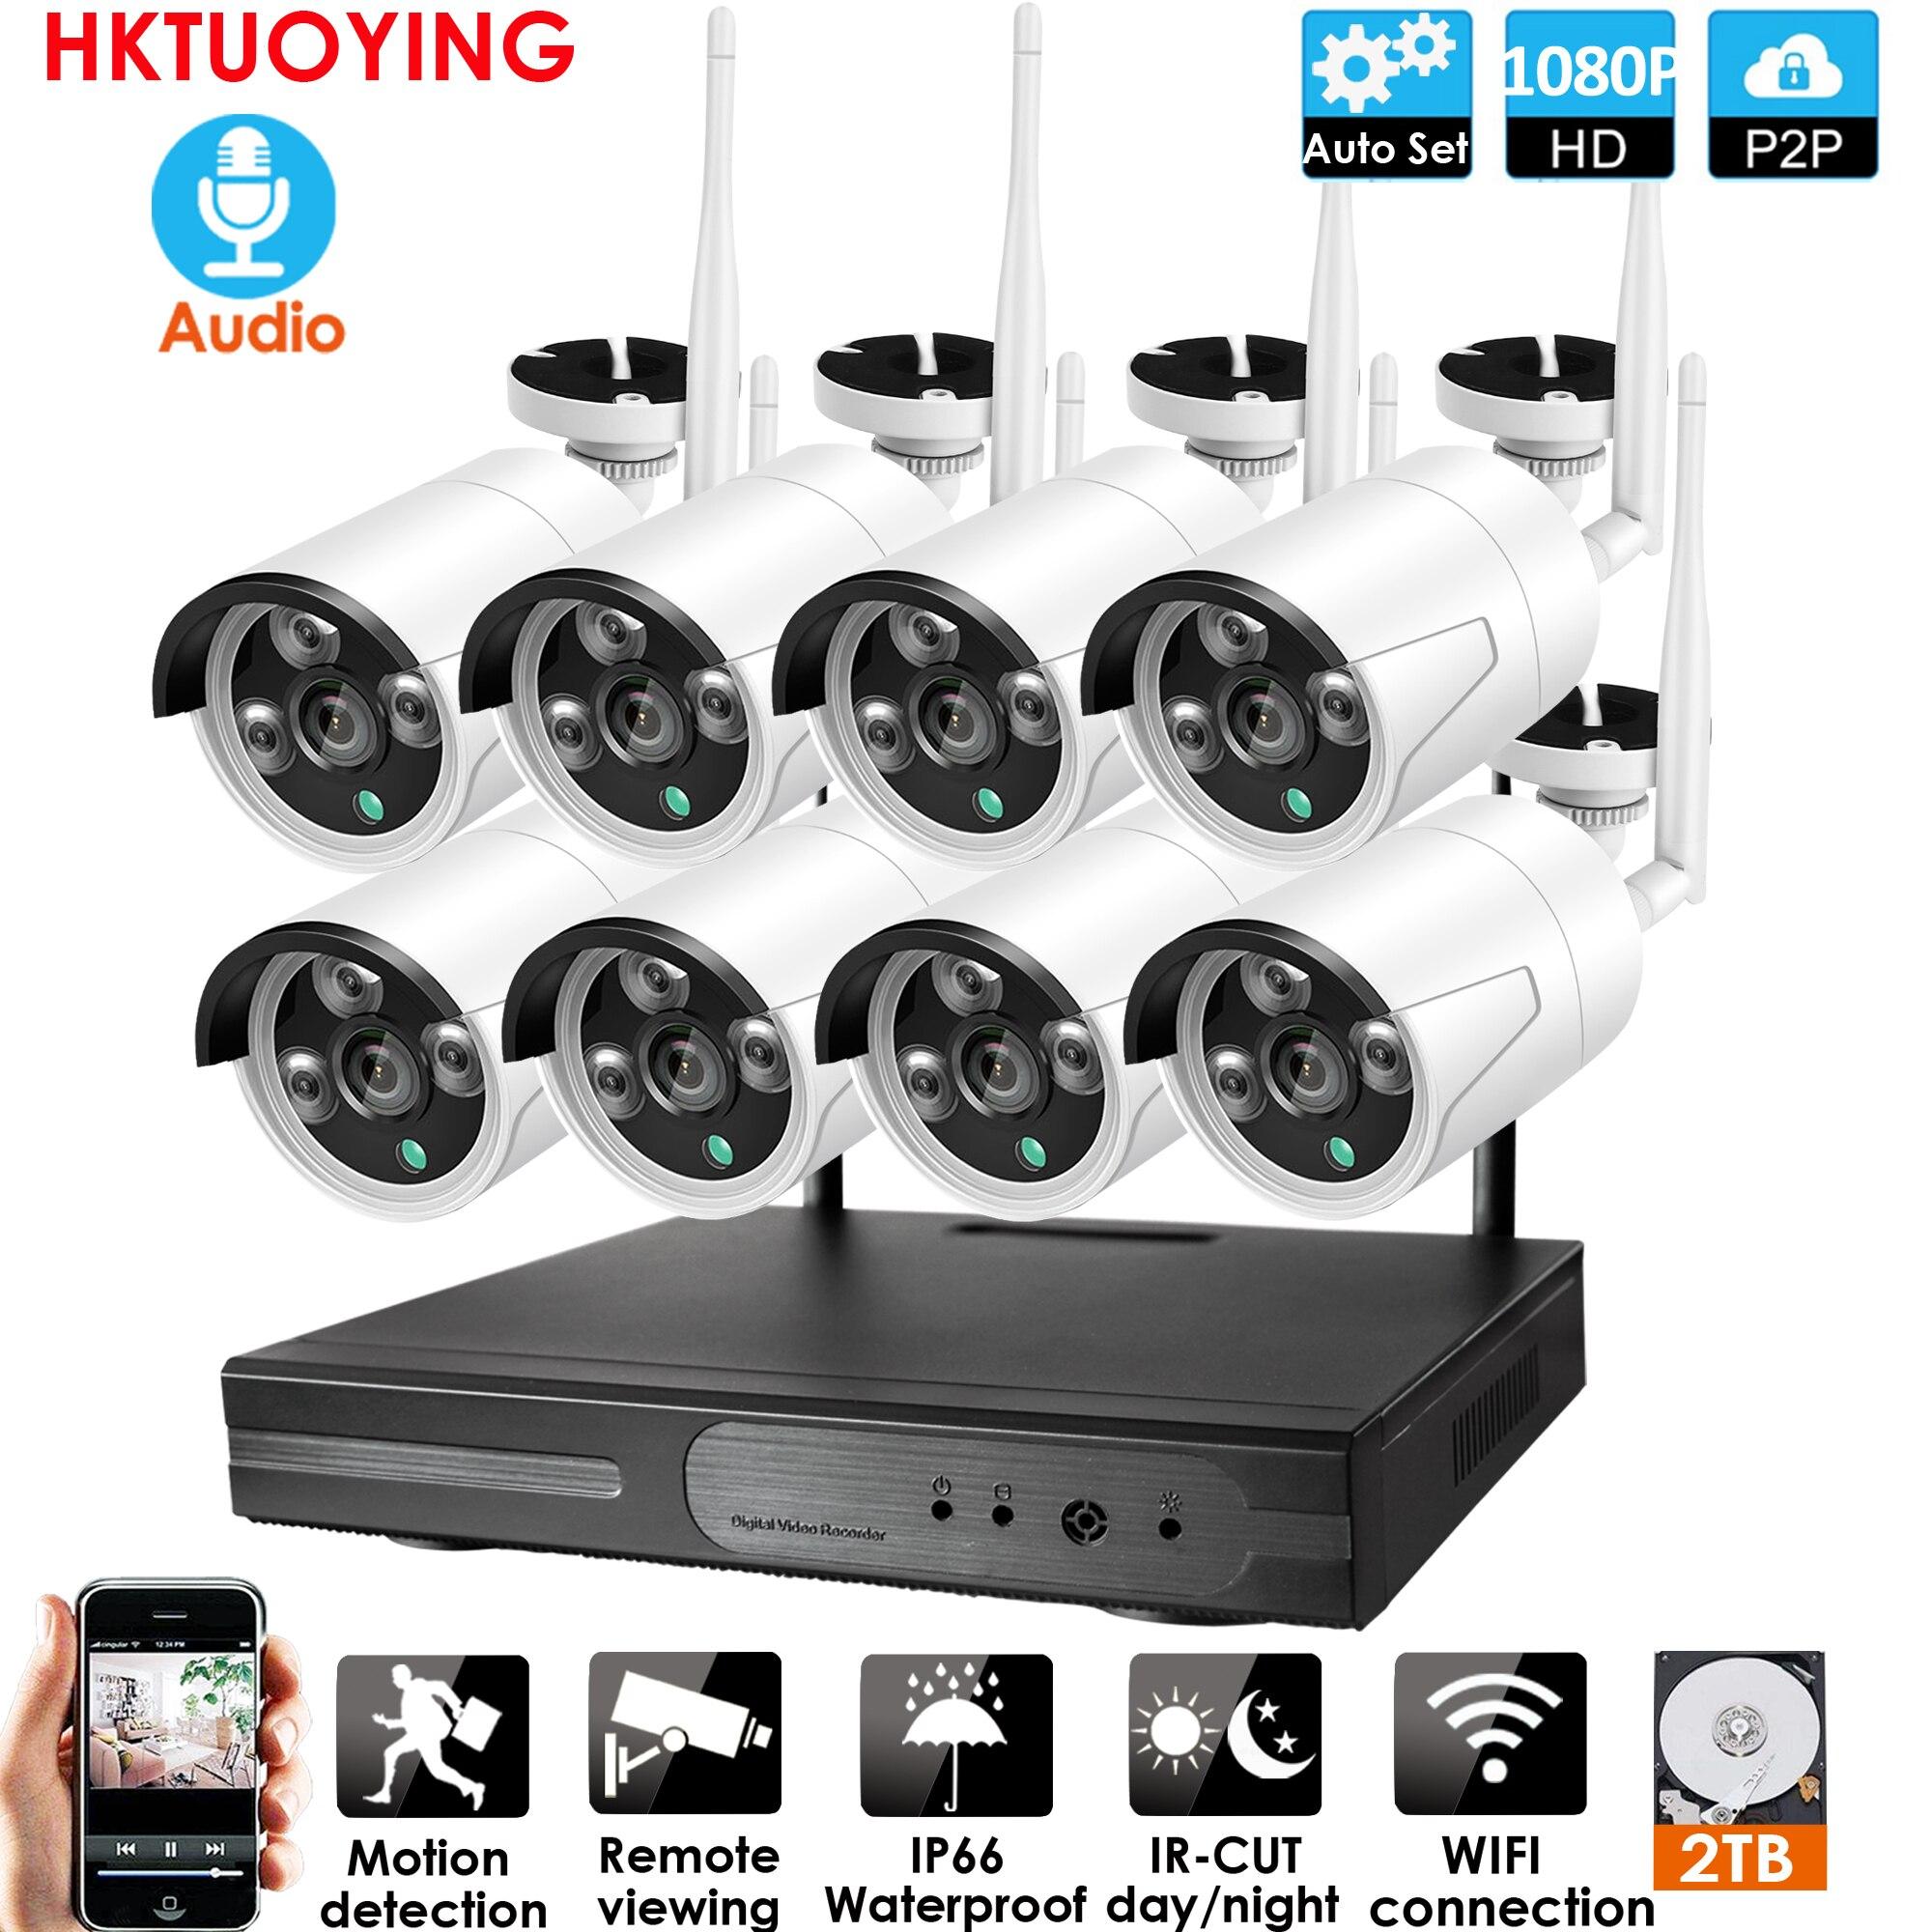 8CH Audio système de vidéosurveillance sans fil 1080P NVR extérieur intérieur P2P Wifi IP CCTV sécurité Audio 2.0mp IP caméra système de Surveillance Kit